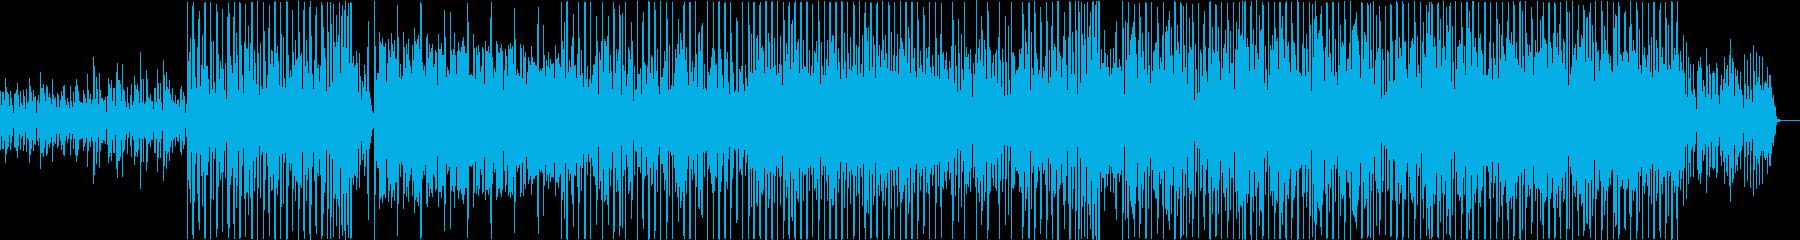 和風エレクトロニックGlitchHopの再生済みの波形